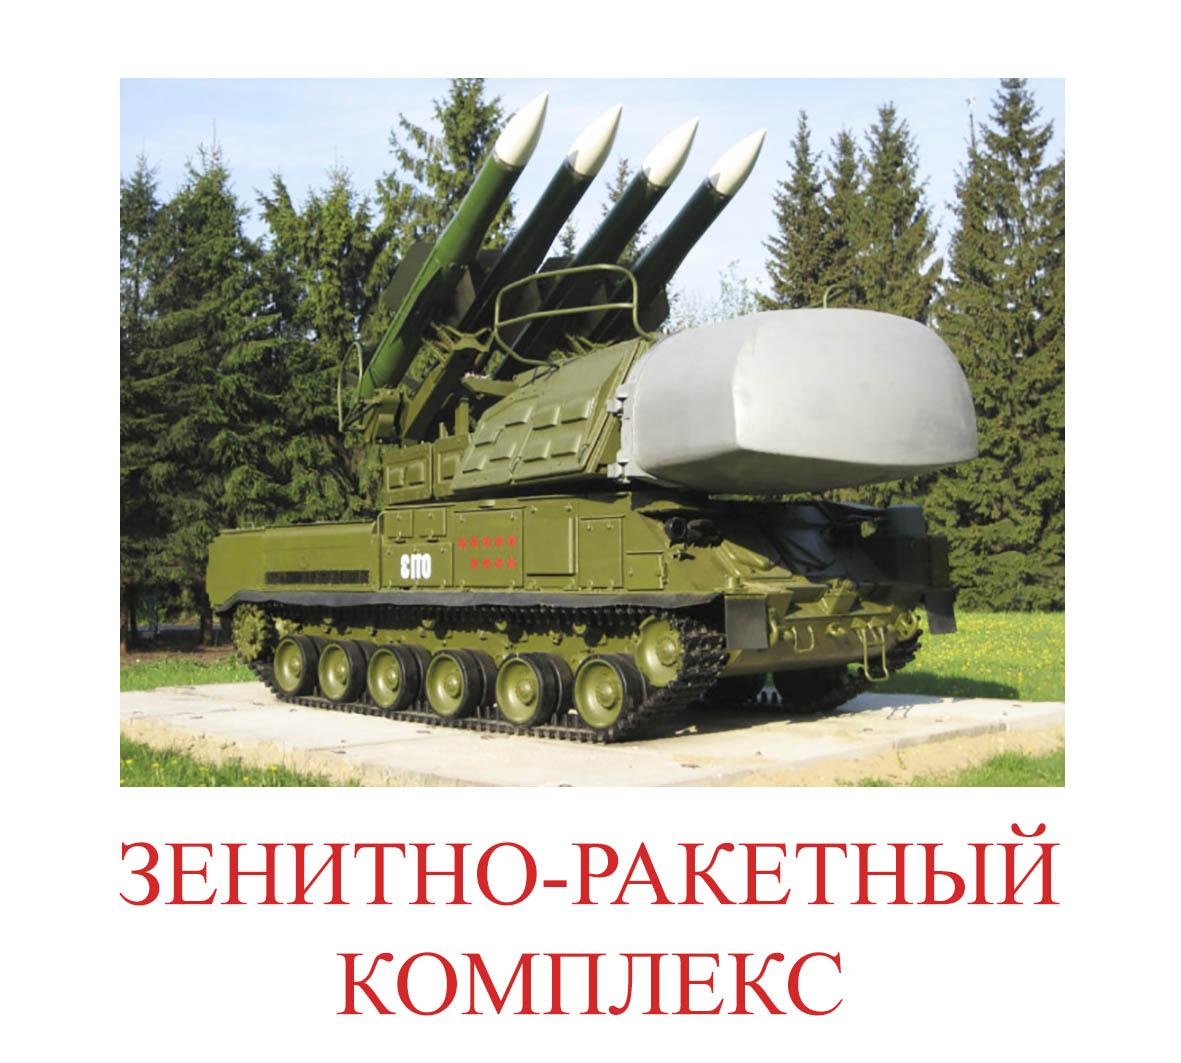 Детский сад картинки военная техника